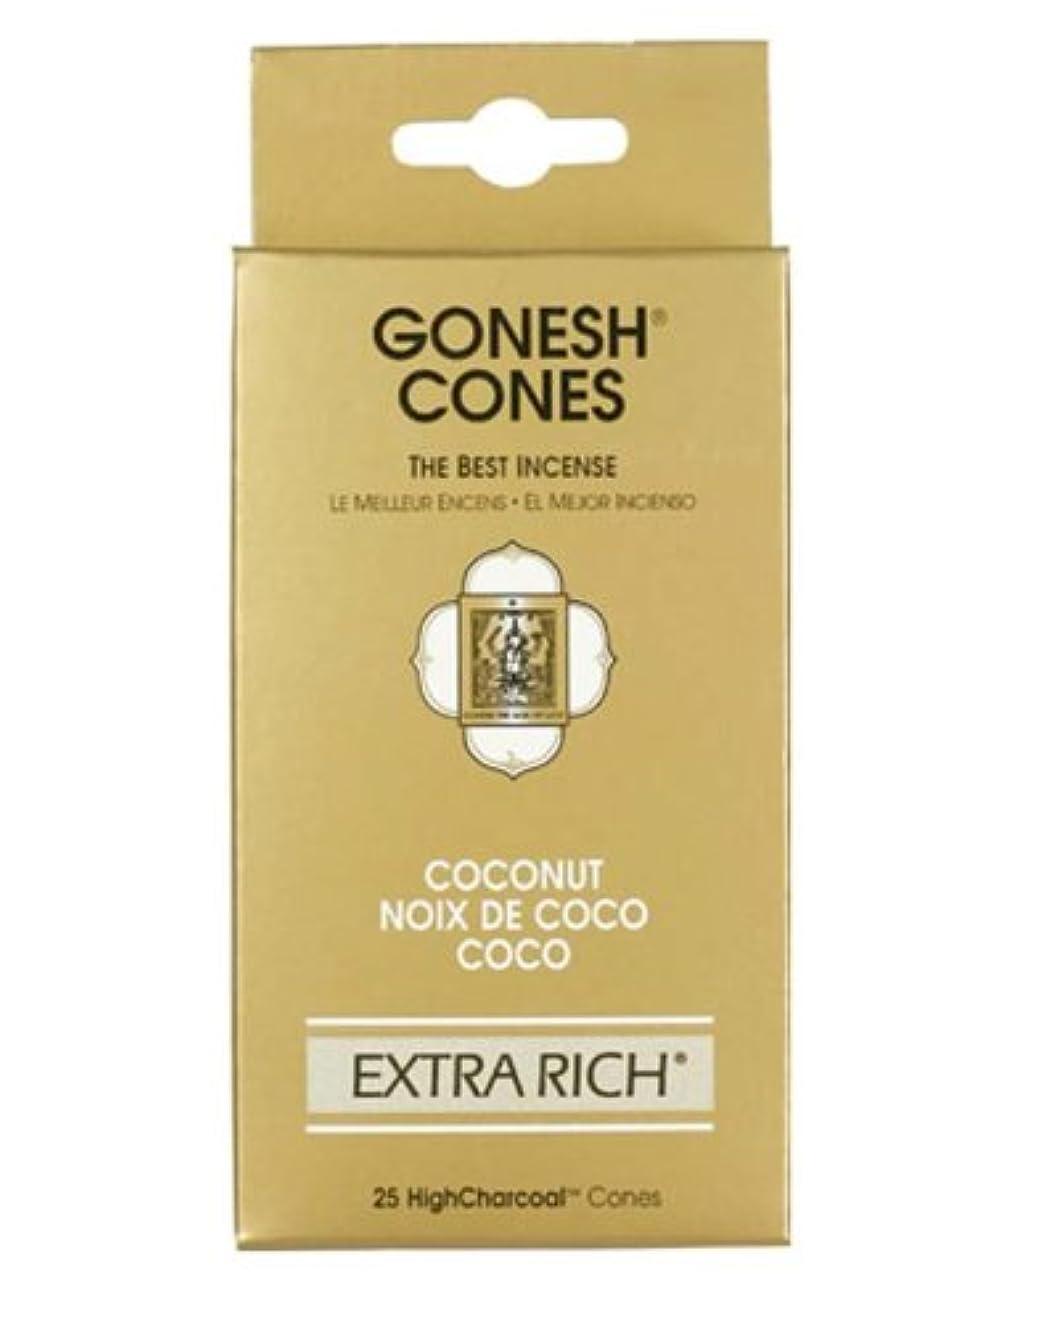 一致するフクロウ評決GONESH インセンスエクストラリッチ コーン ココナッツ